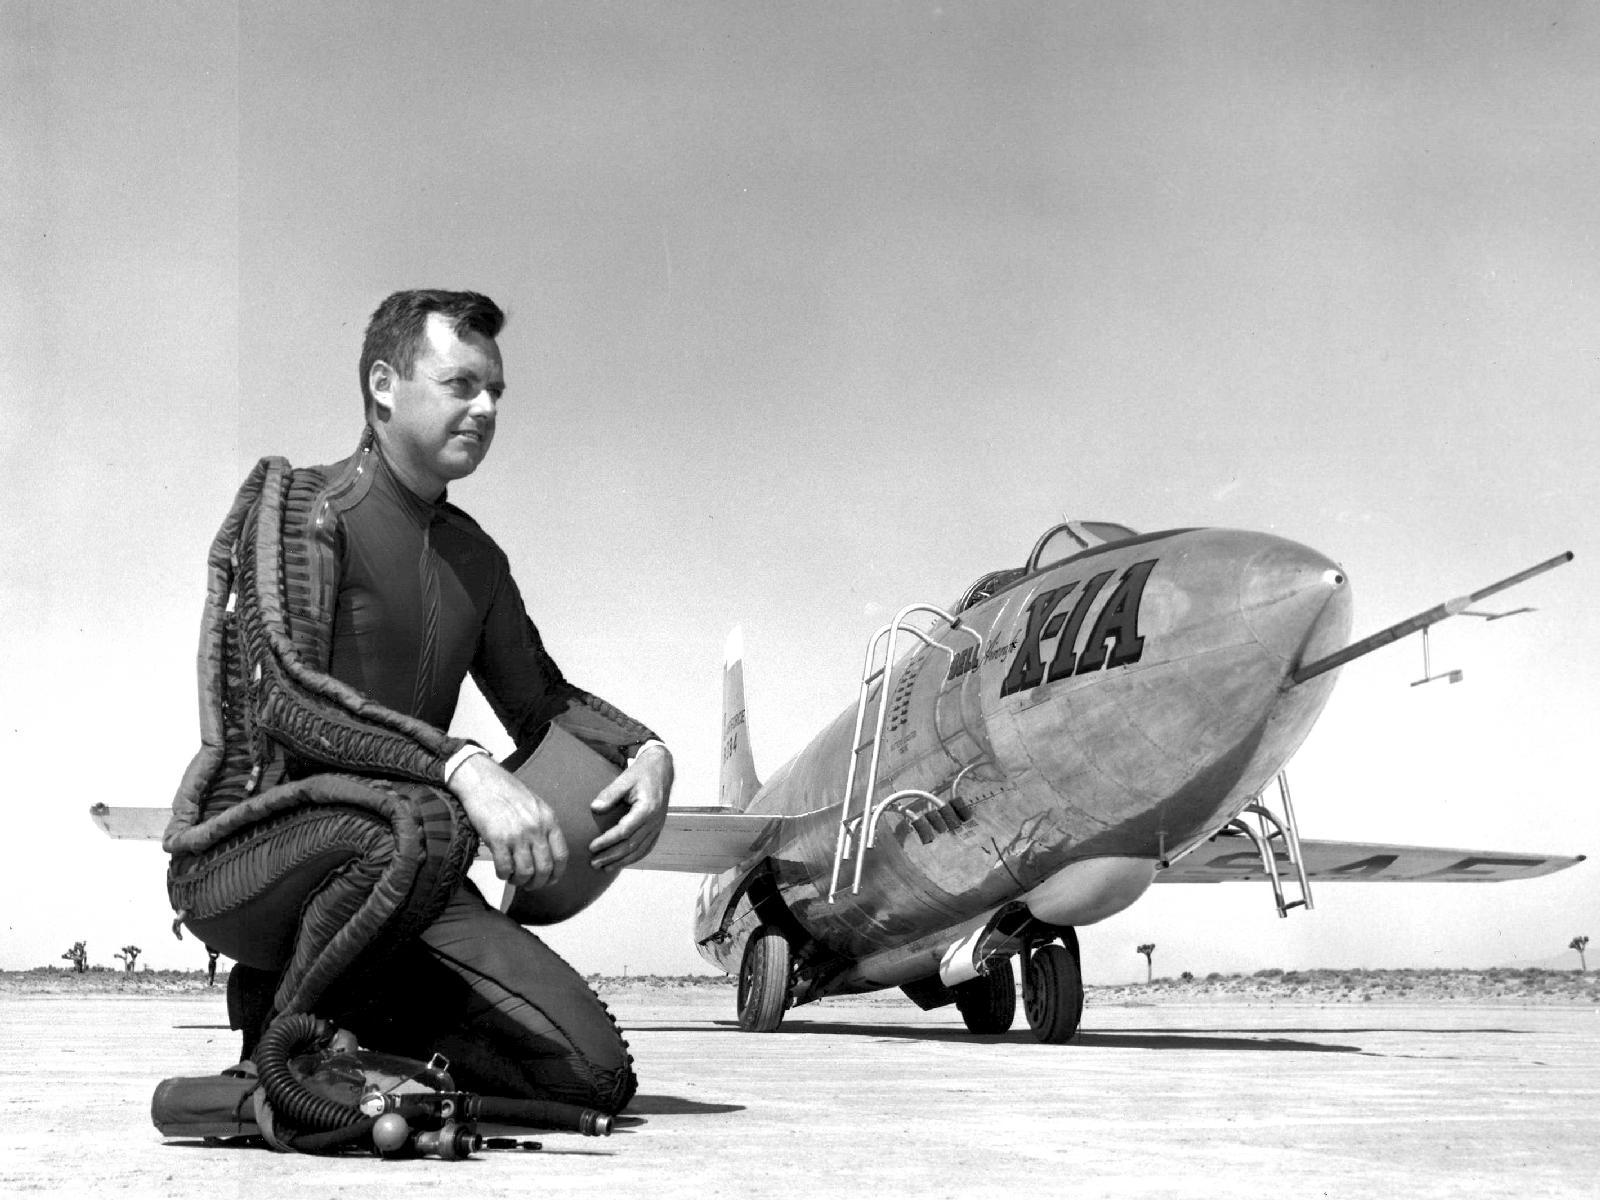 Maj. Arthur 'Kit' Murray with X-1A